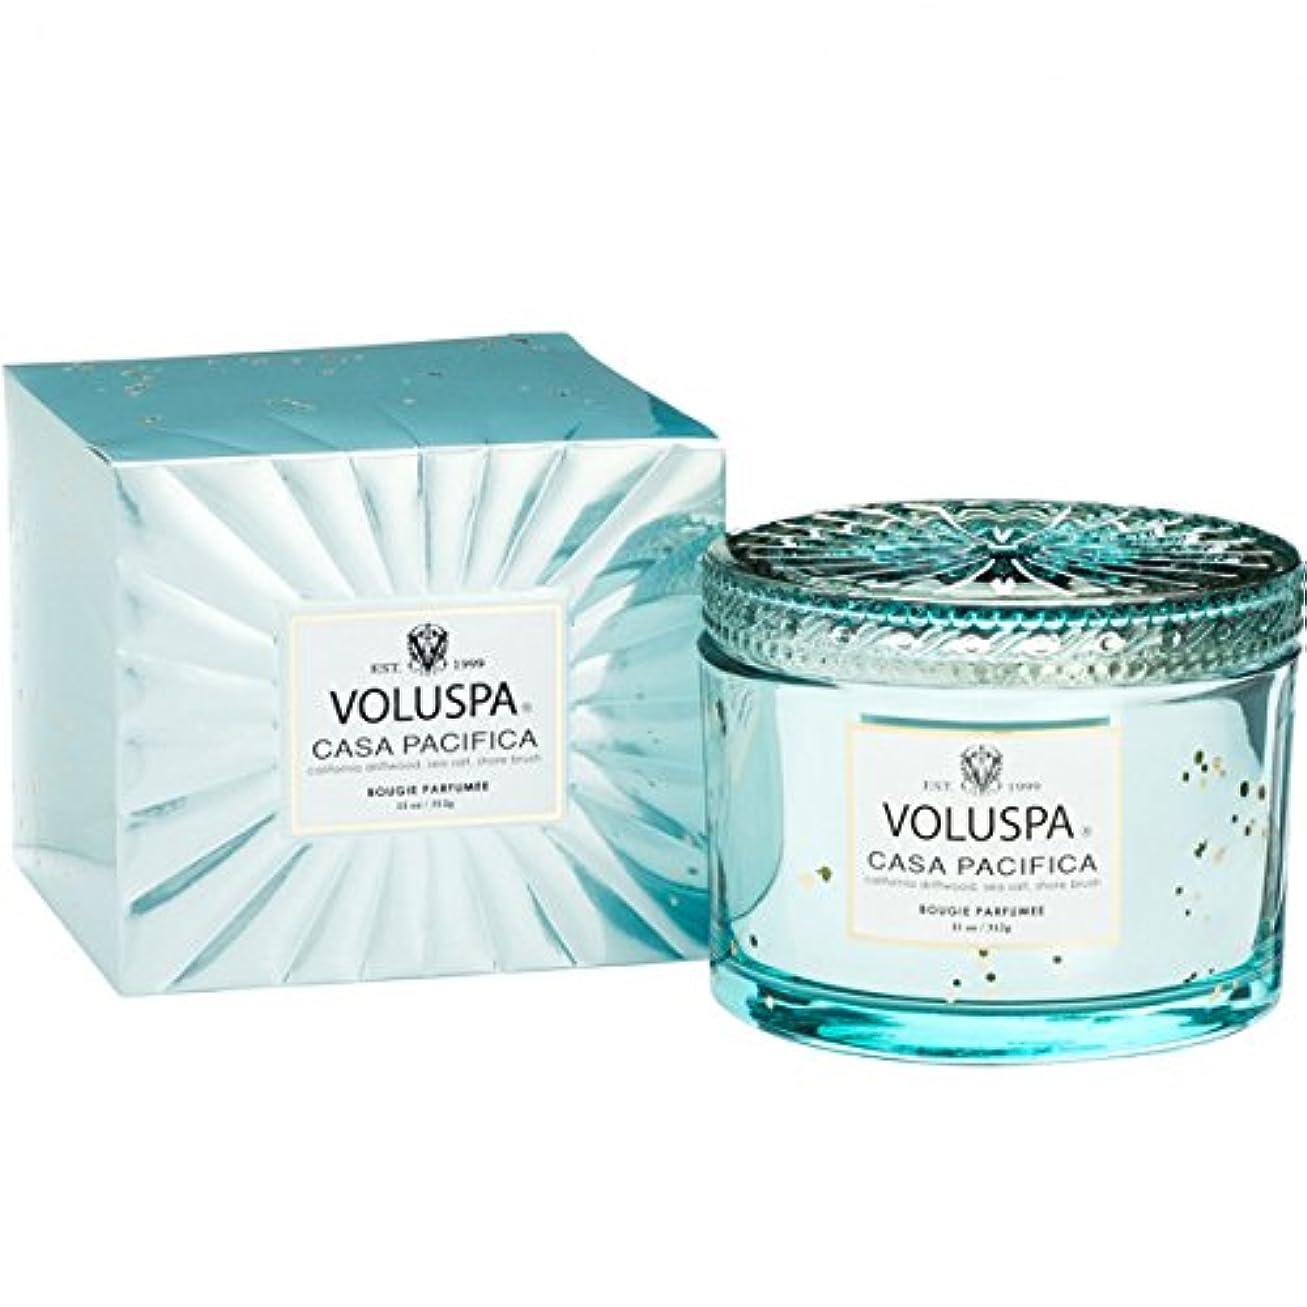 マイルドルネッサンス報酬のVoluspa ボルスパ ヴァーメイル ボックス入り グラスキャンドル カーサハ?シフィカ CASA PACIFICA VERMEIL BOX Glass Candle